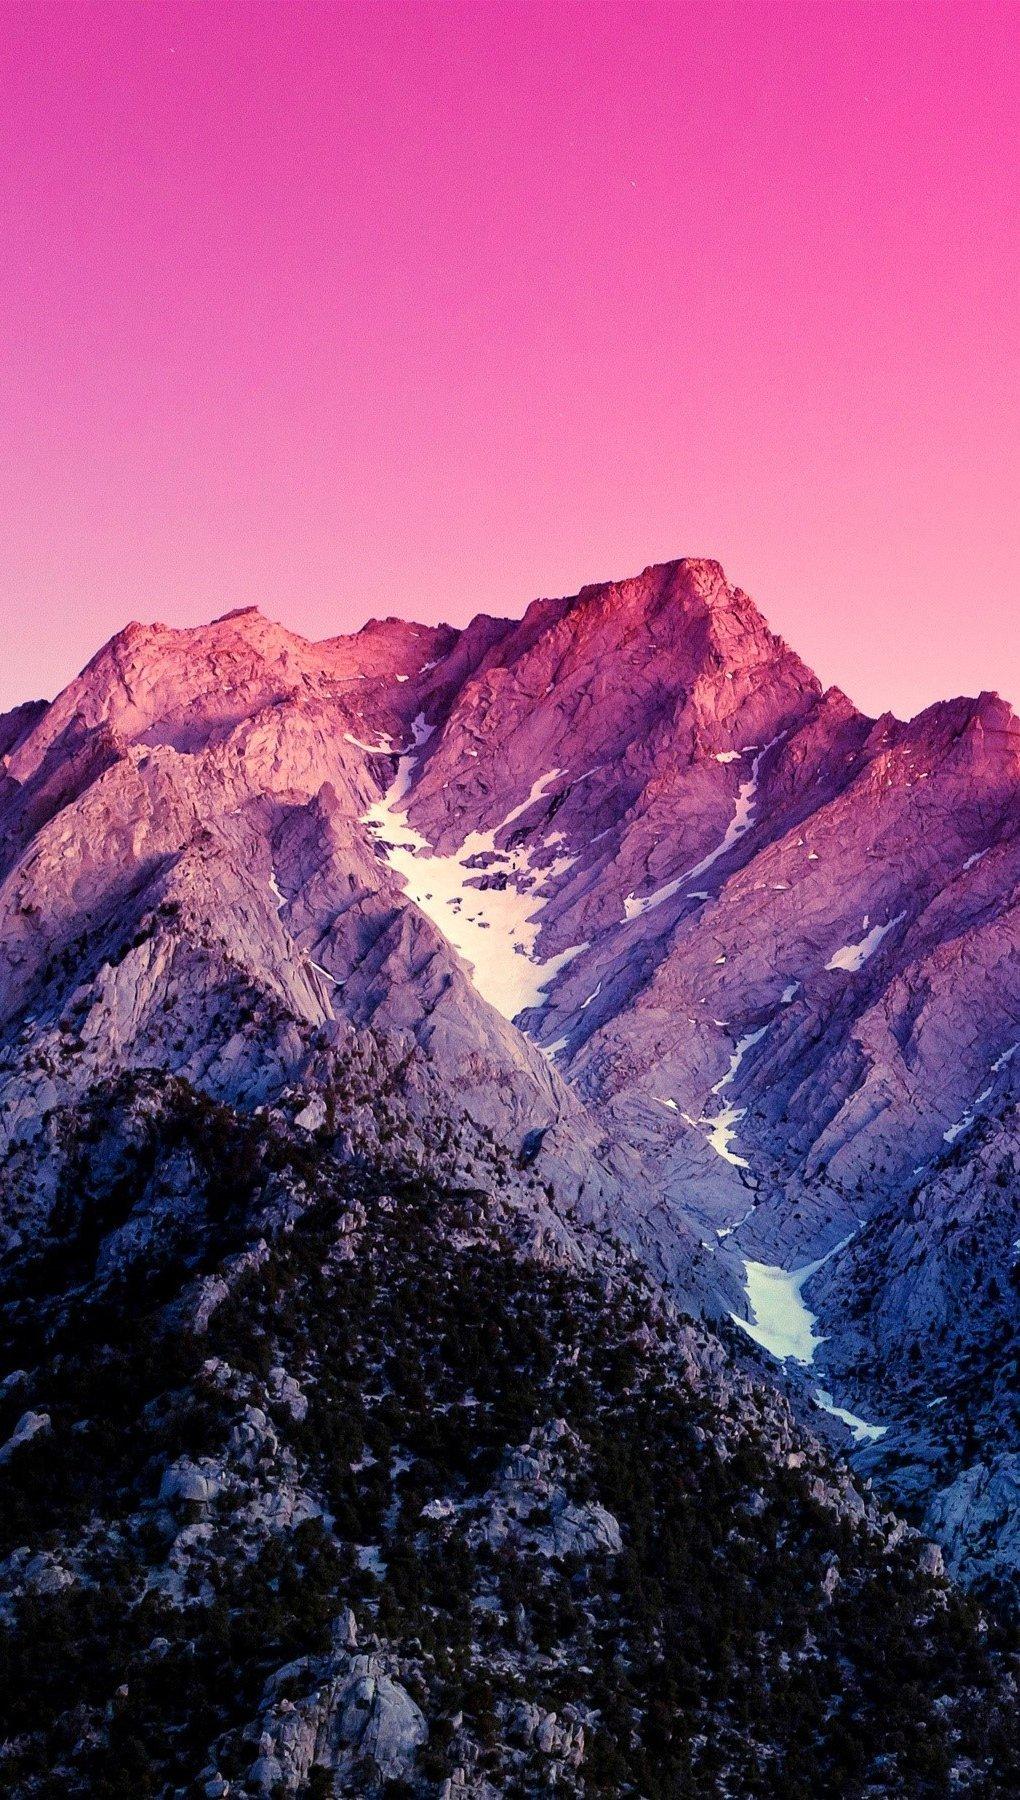 Fondos de pantalla Montañas rosas Vertical